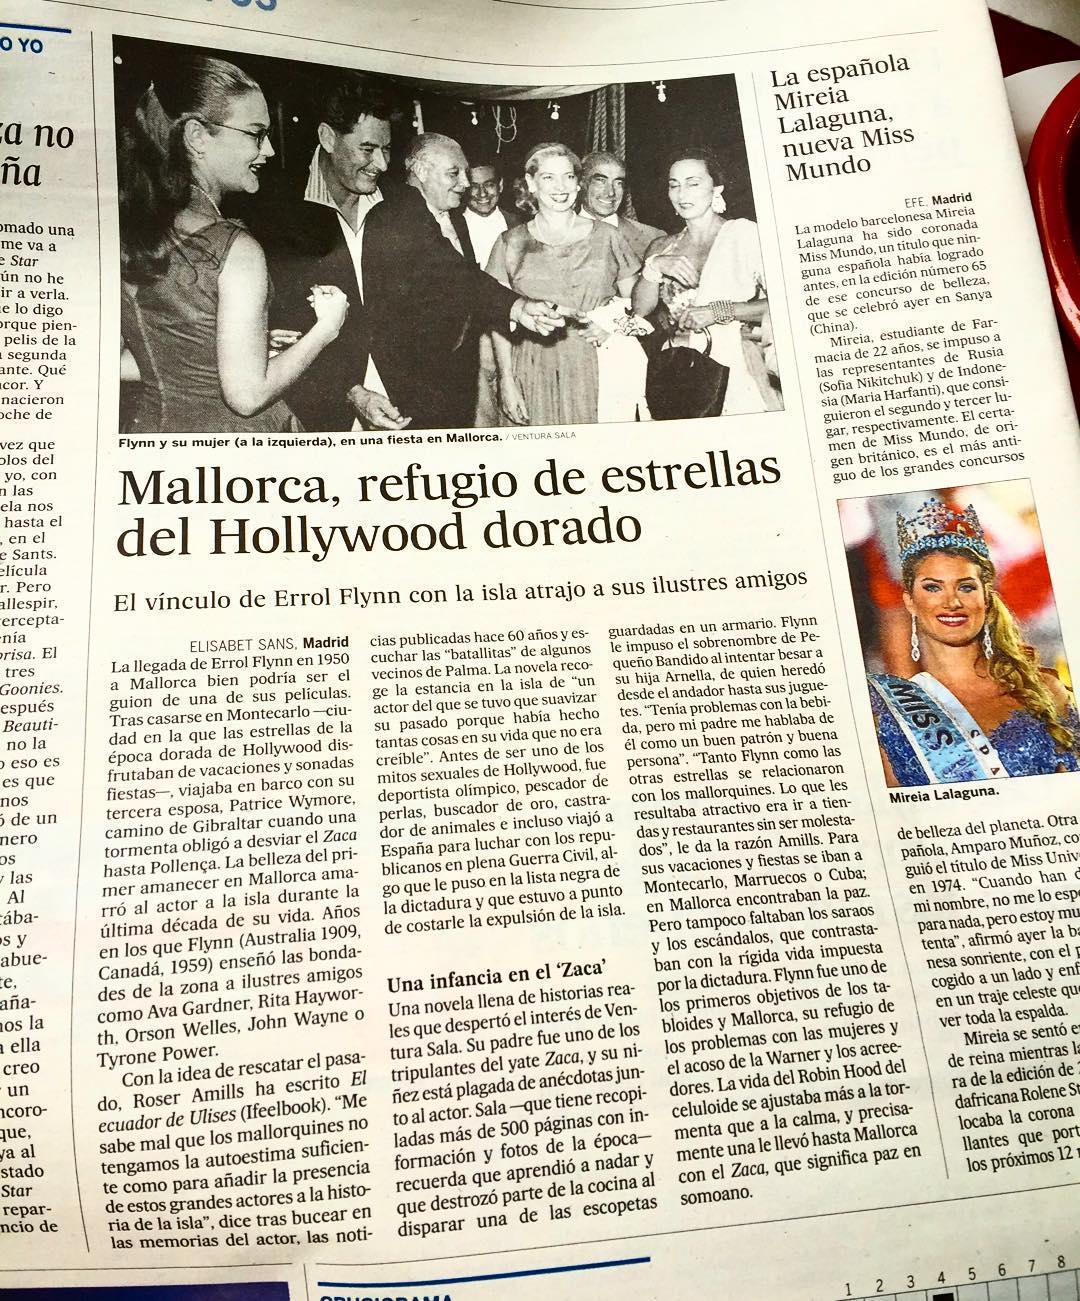 Si hoy echas un vistazo a El País encontrarás un reportaje sobre #elecuadordeUlises y la estancia de Errol Flynn en Mallorca